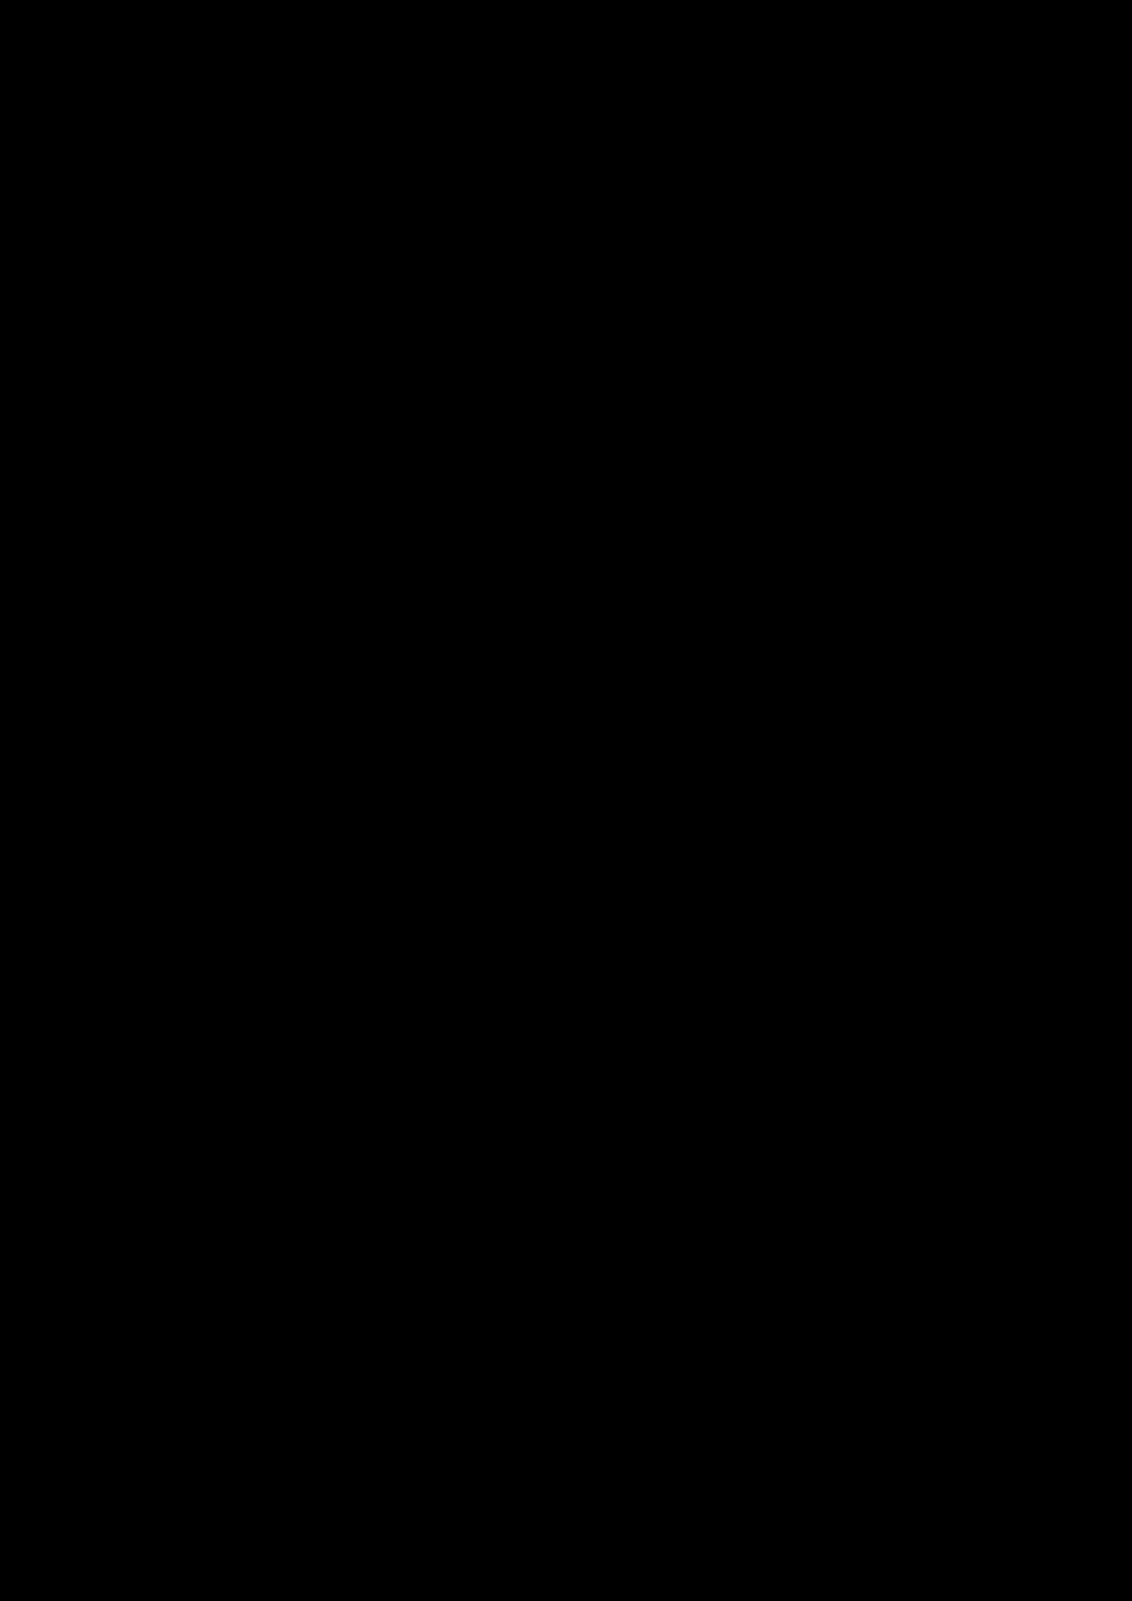 Zagadka volshebnoy stranyi slide, Image 110